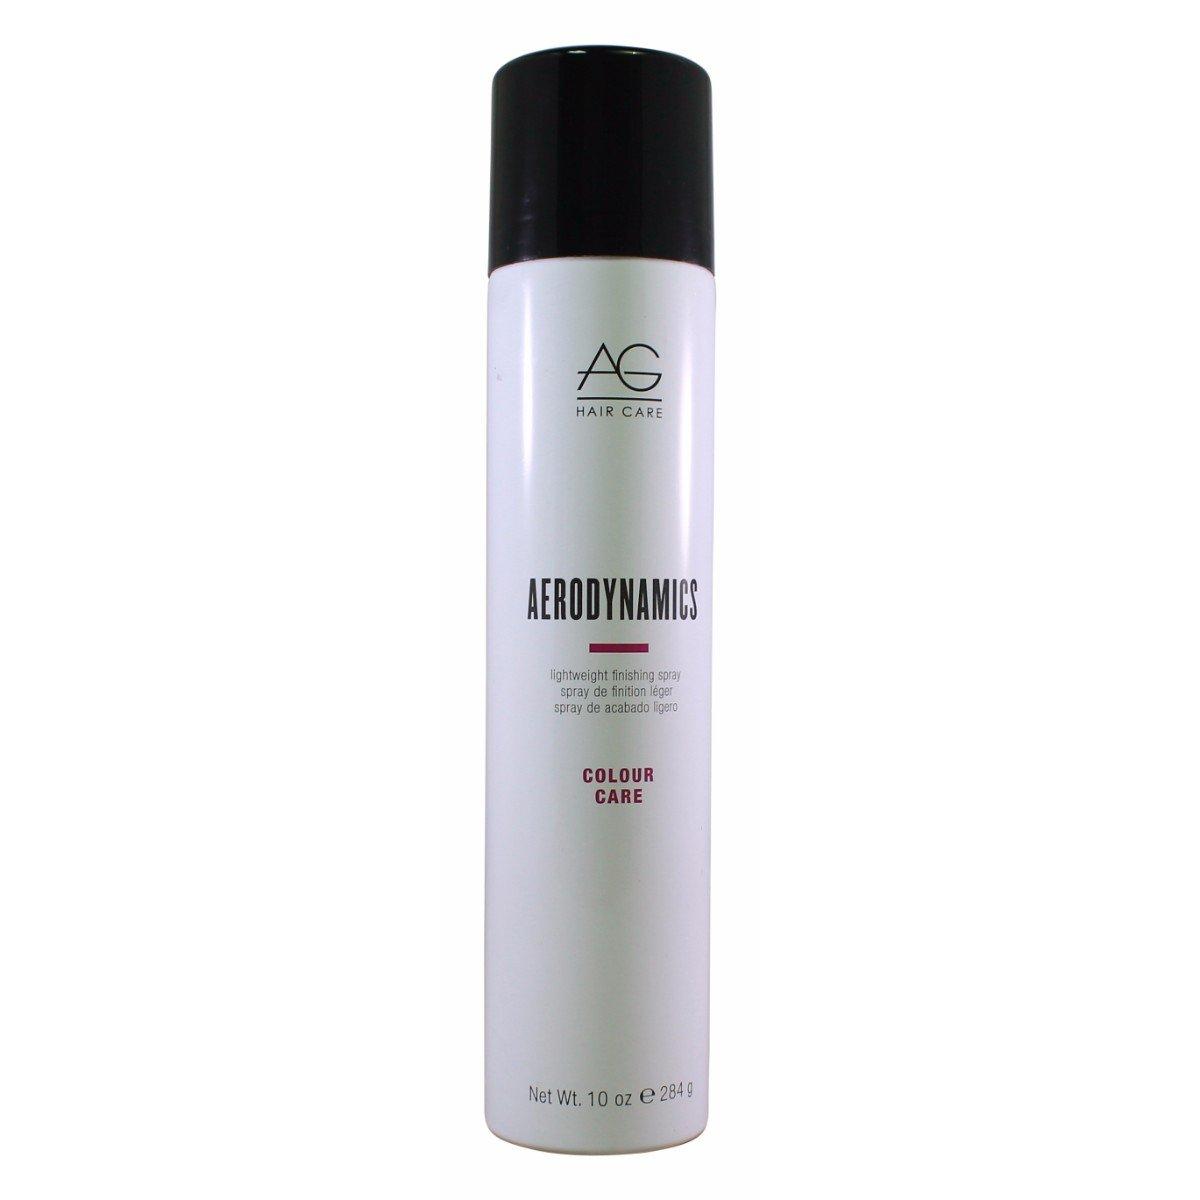 AG Hair Aerodynamics Light Weight Spray, 10 Fluid Ounce